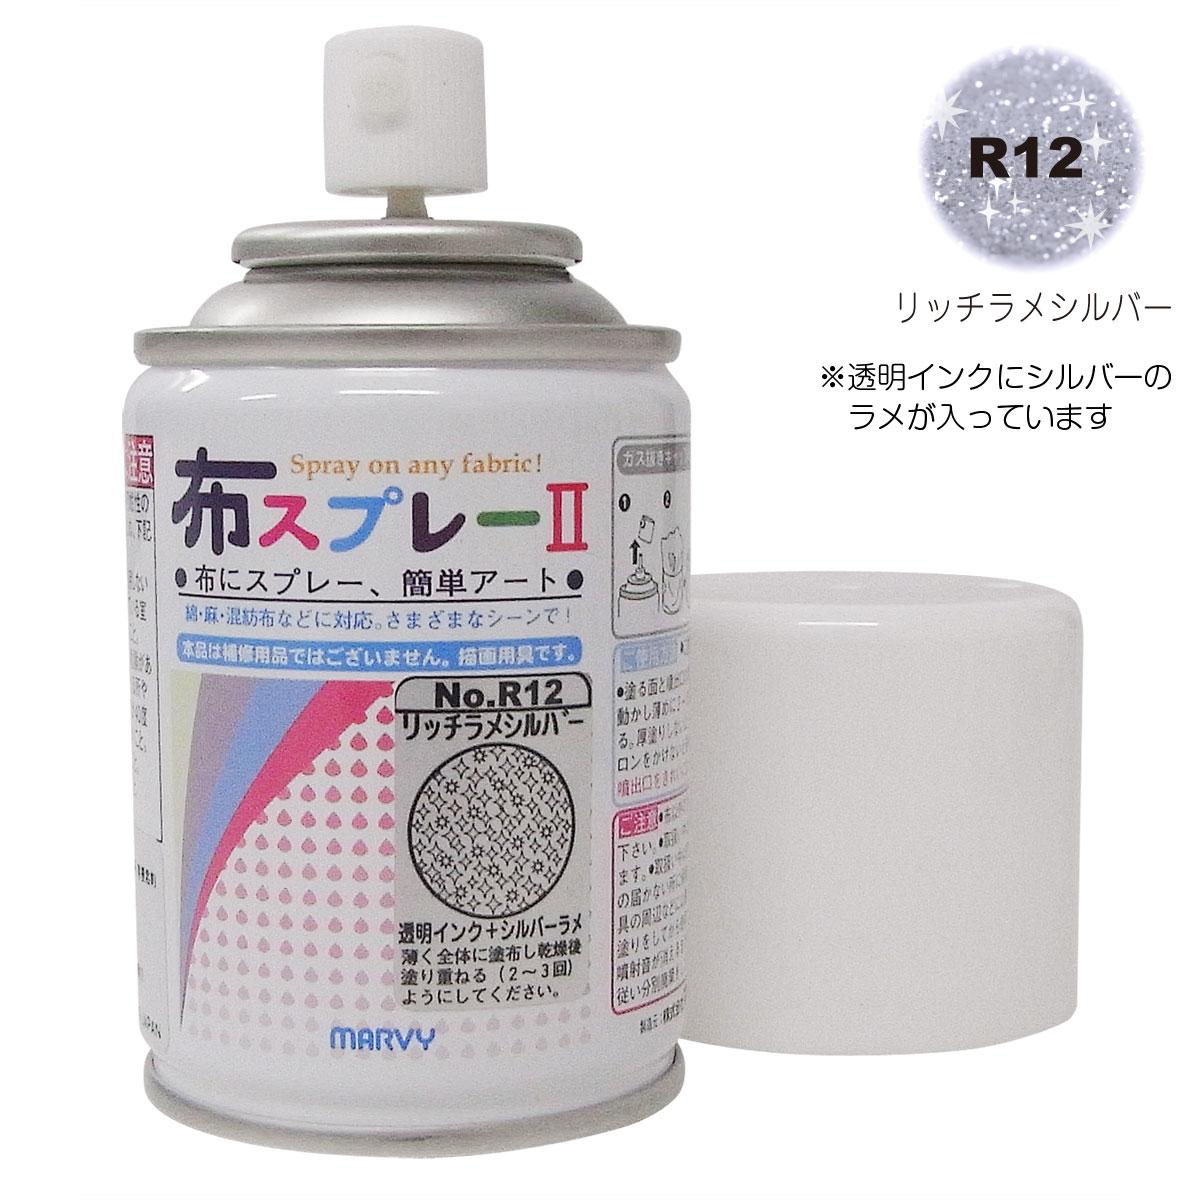 布スプレーII リッチラメシルバー 透明インク+シルバーラメ画像